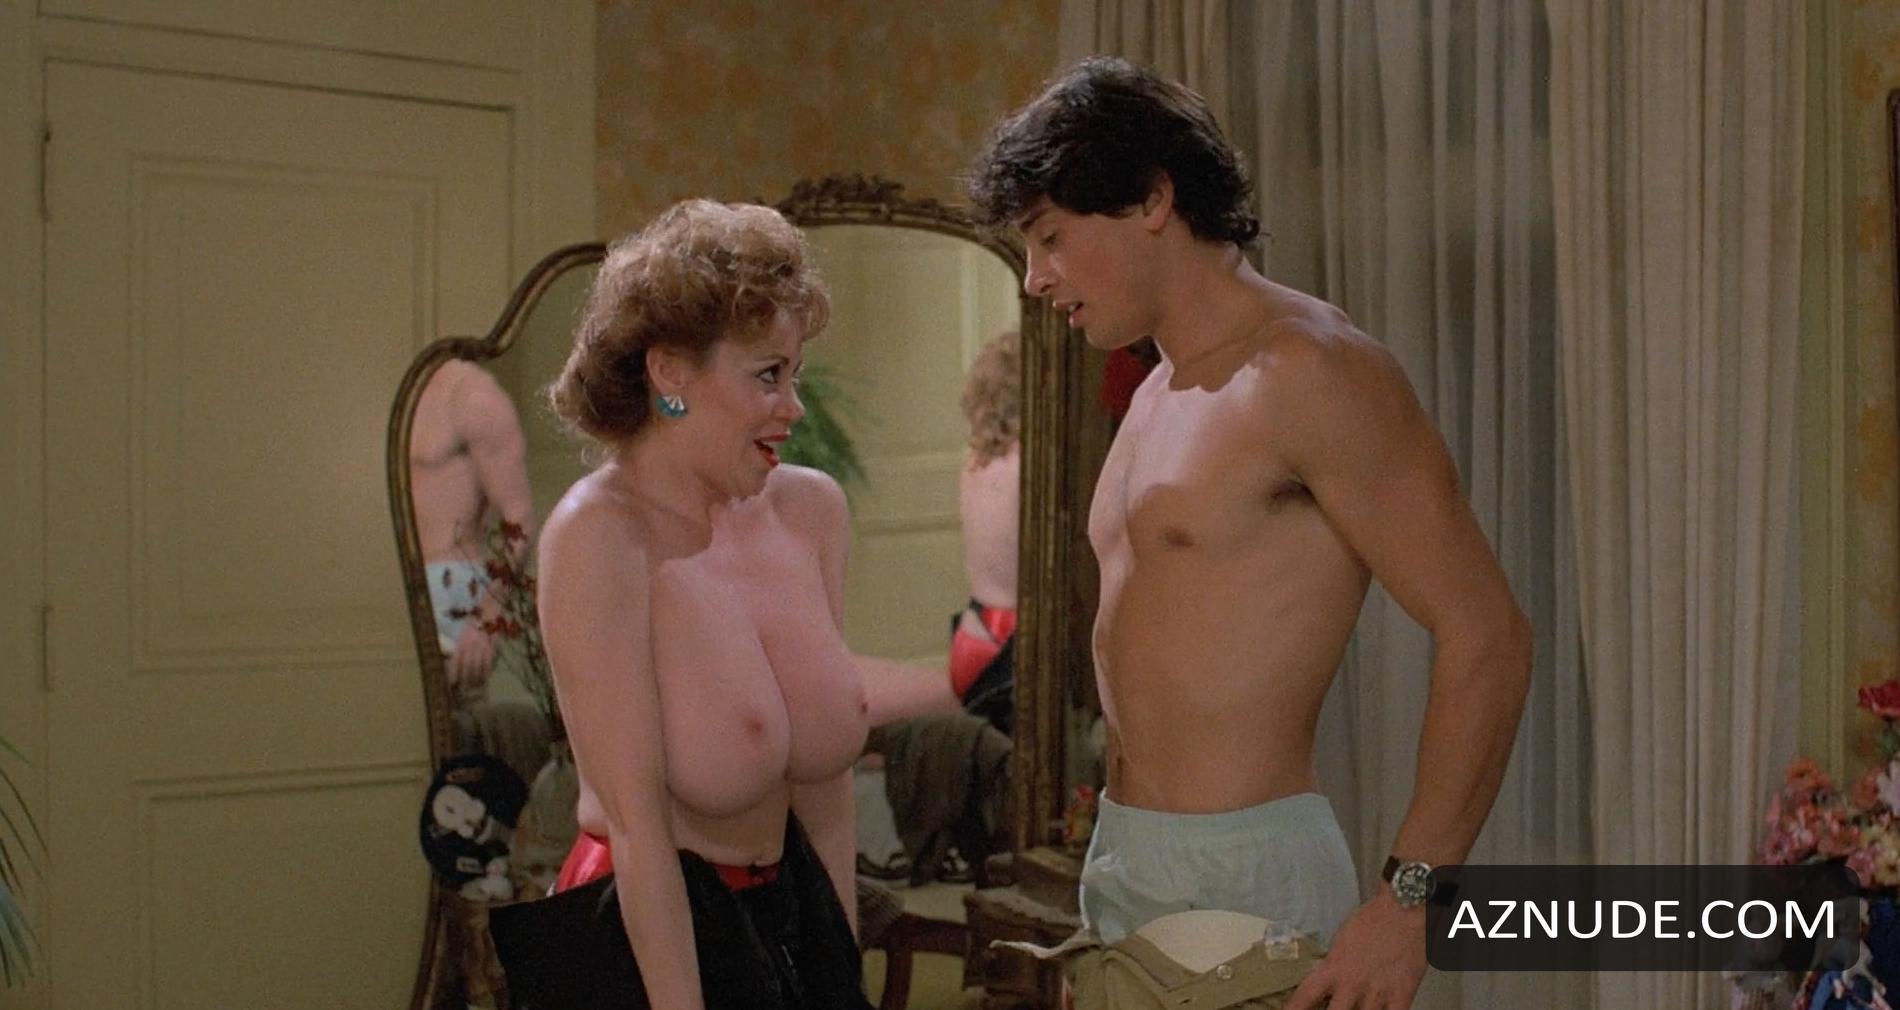 My Tutor Nude Scenes - Aznude Men-6810